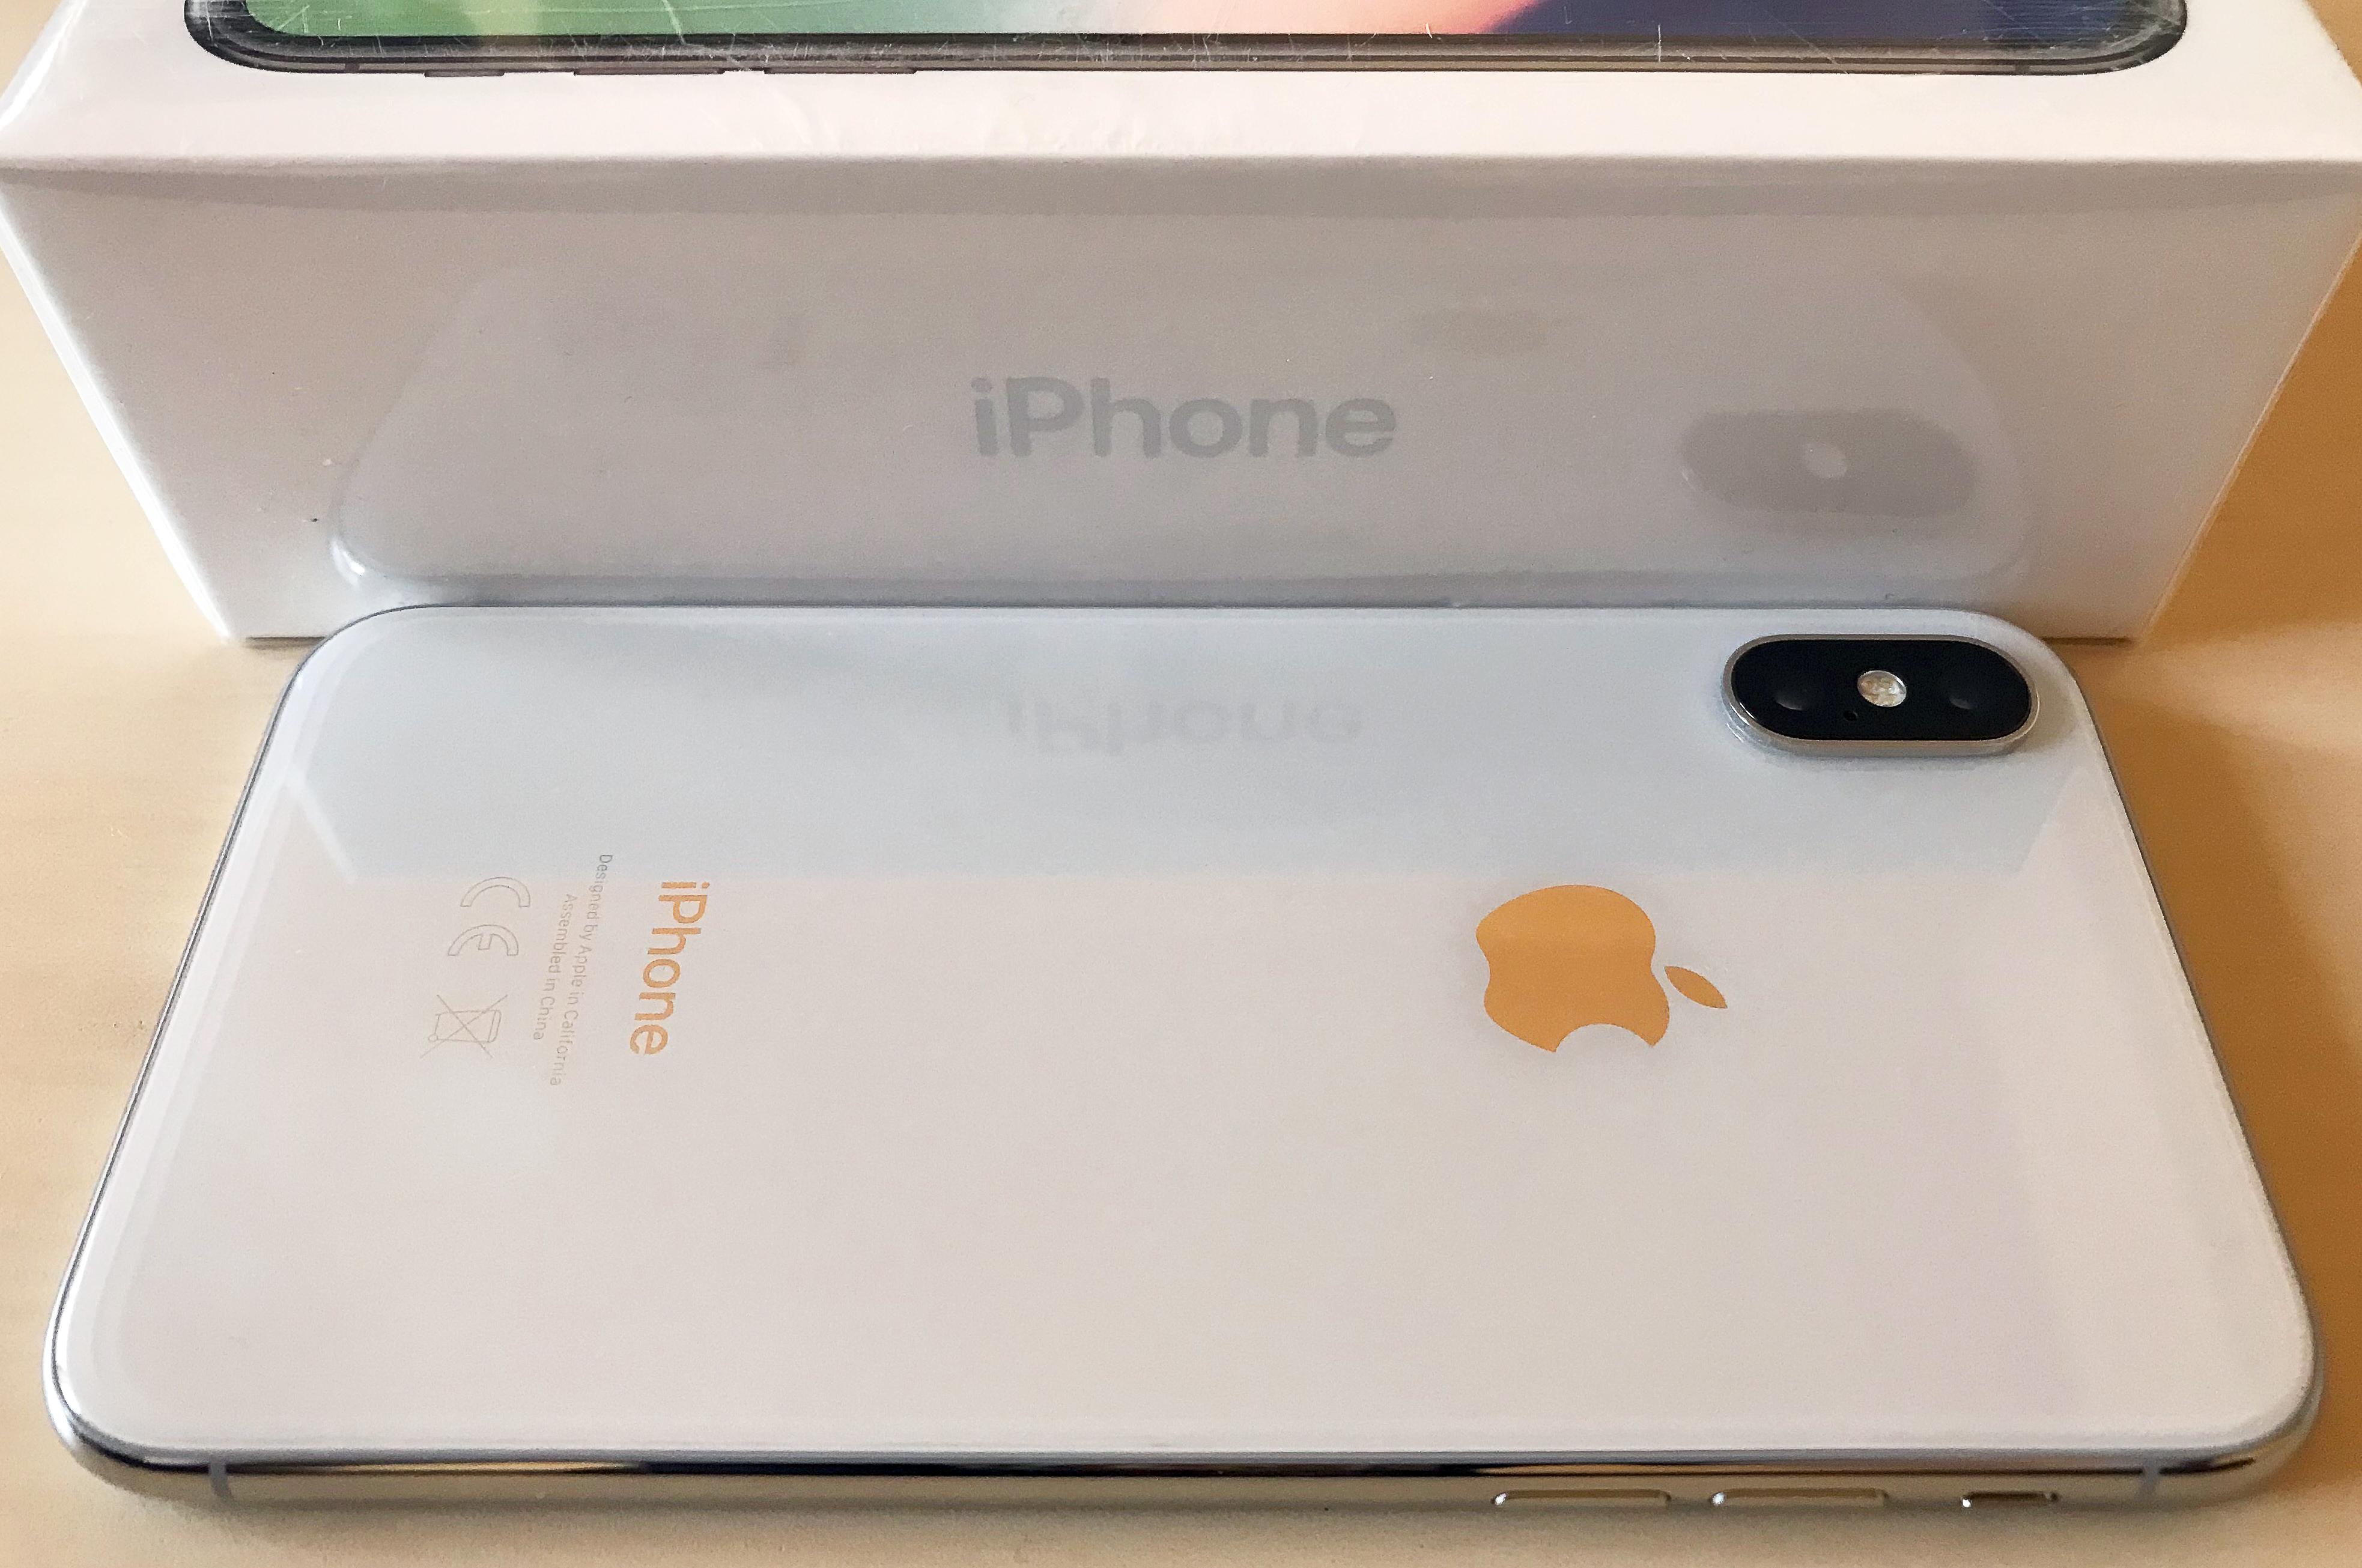 iphone x telenor